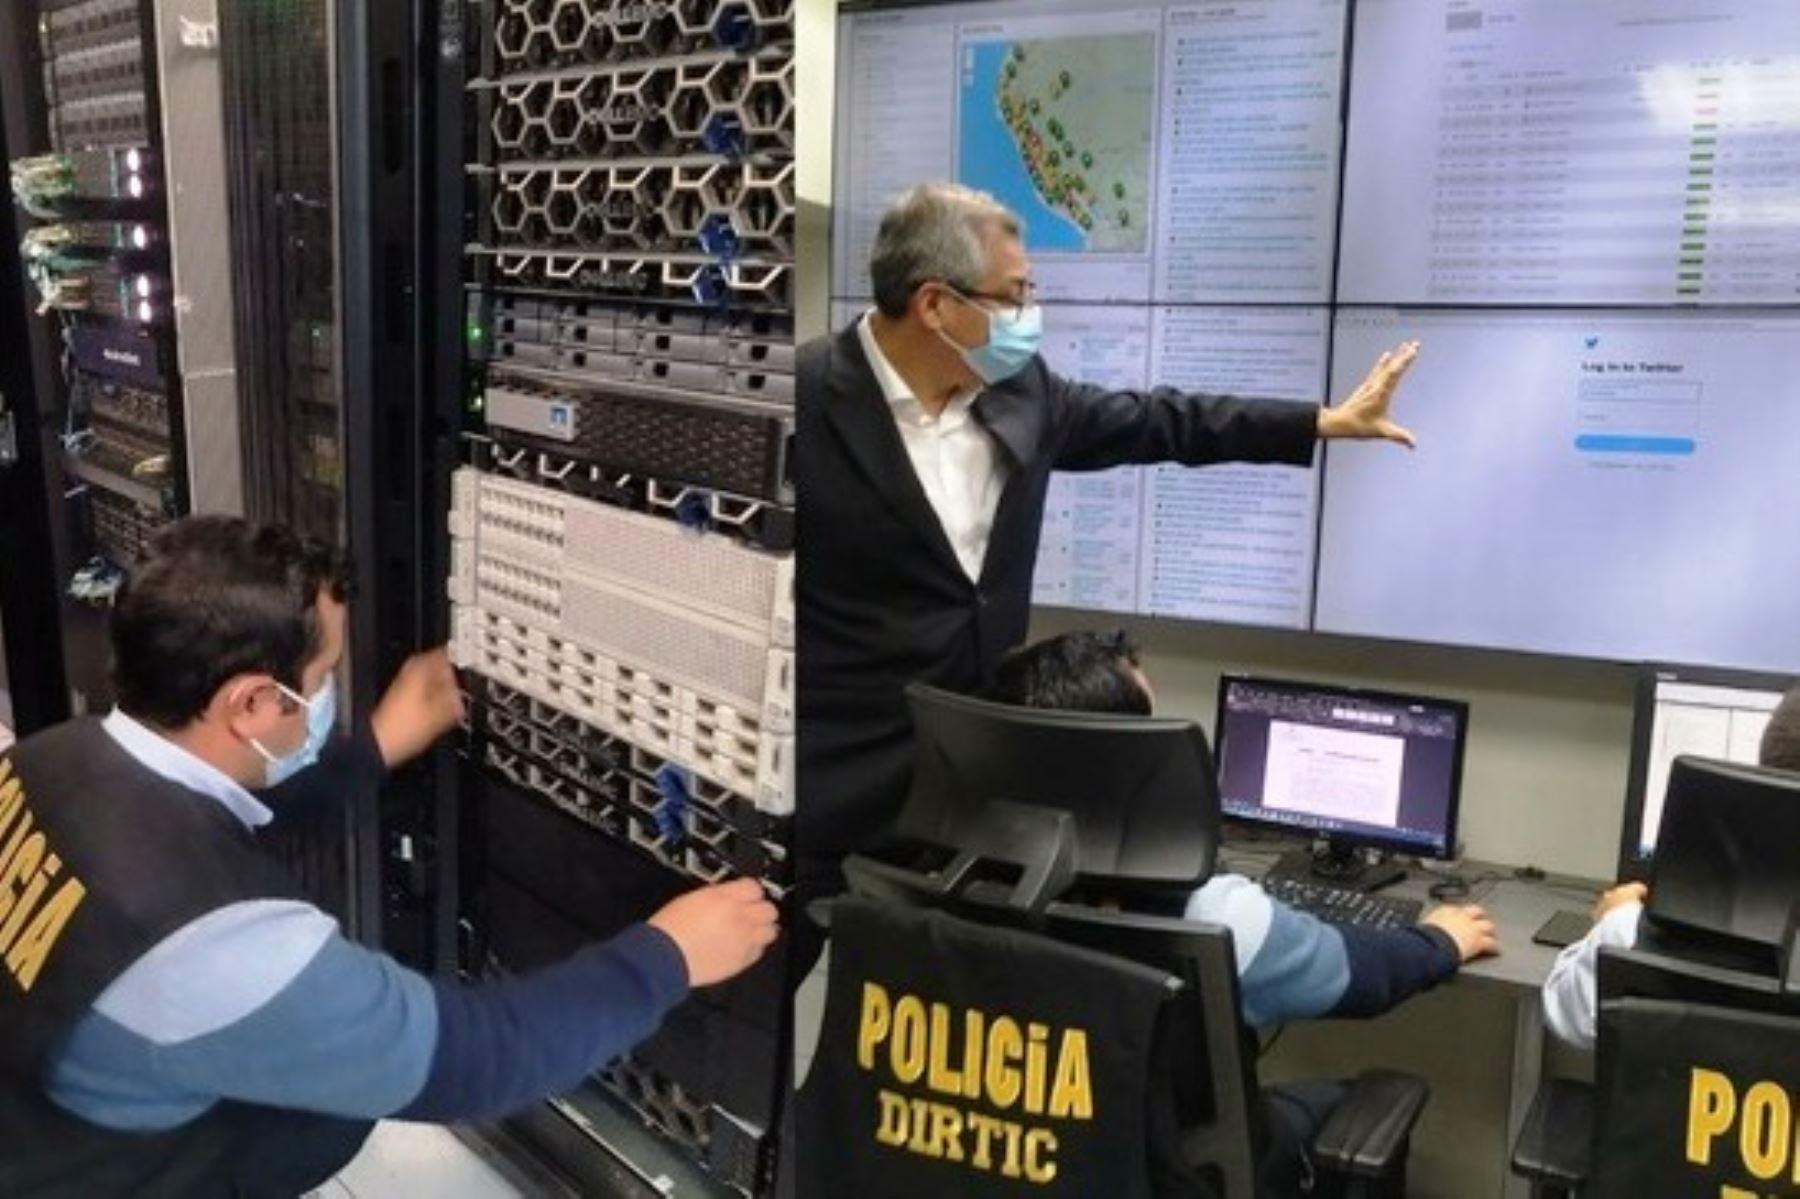 Policía potencia su sistema informático para reforzar seguridad ciudadana. Foto: ANDINA/Difusión.